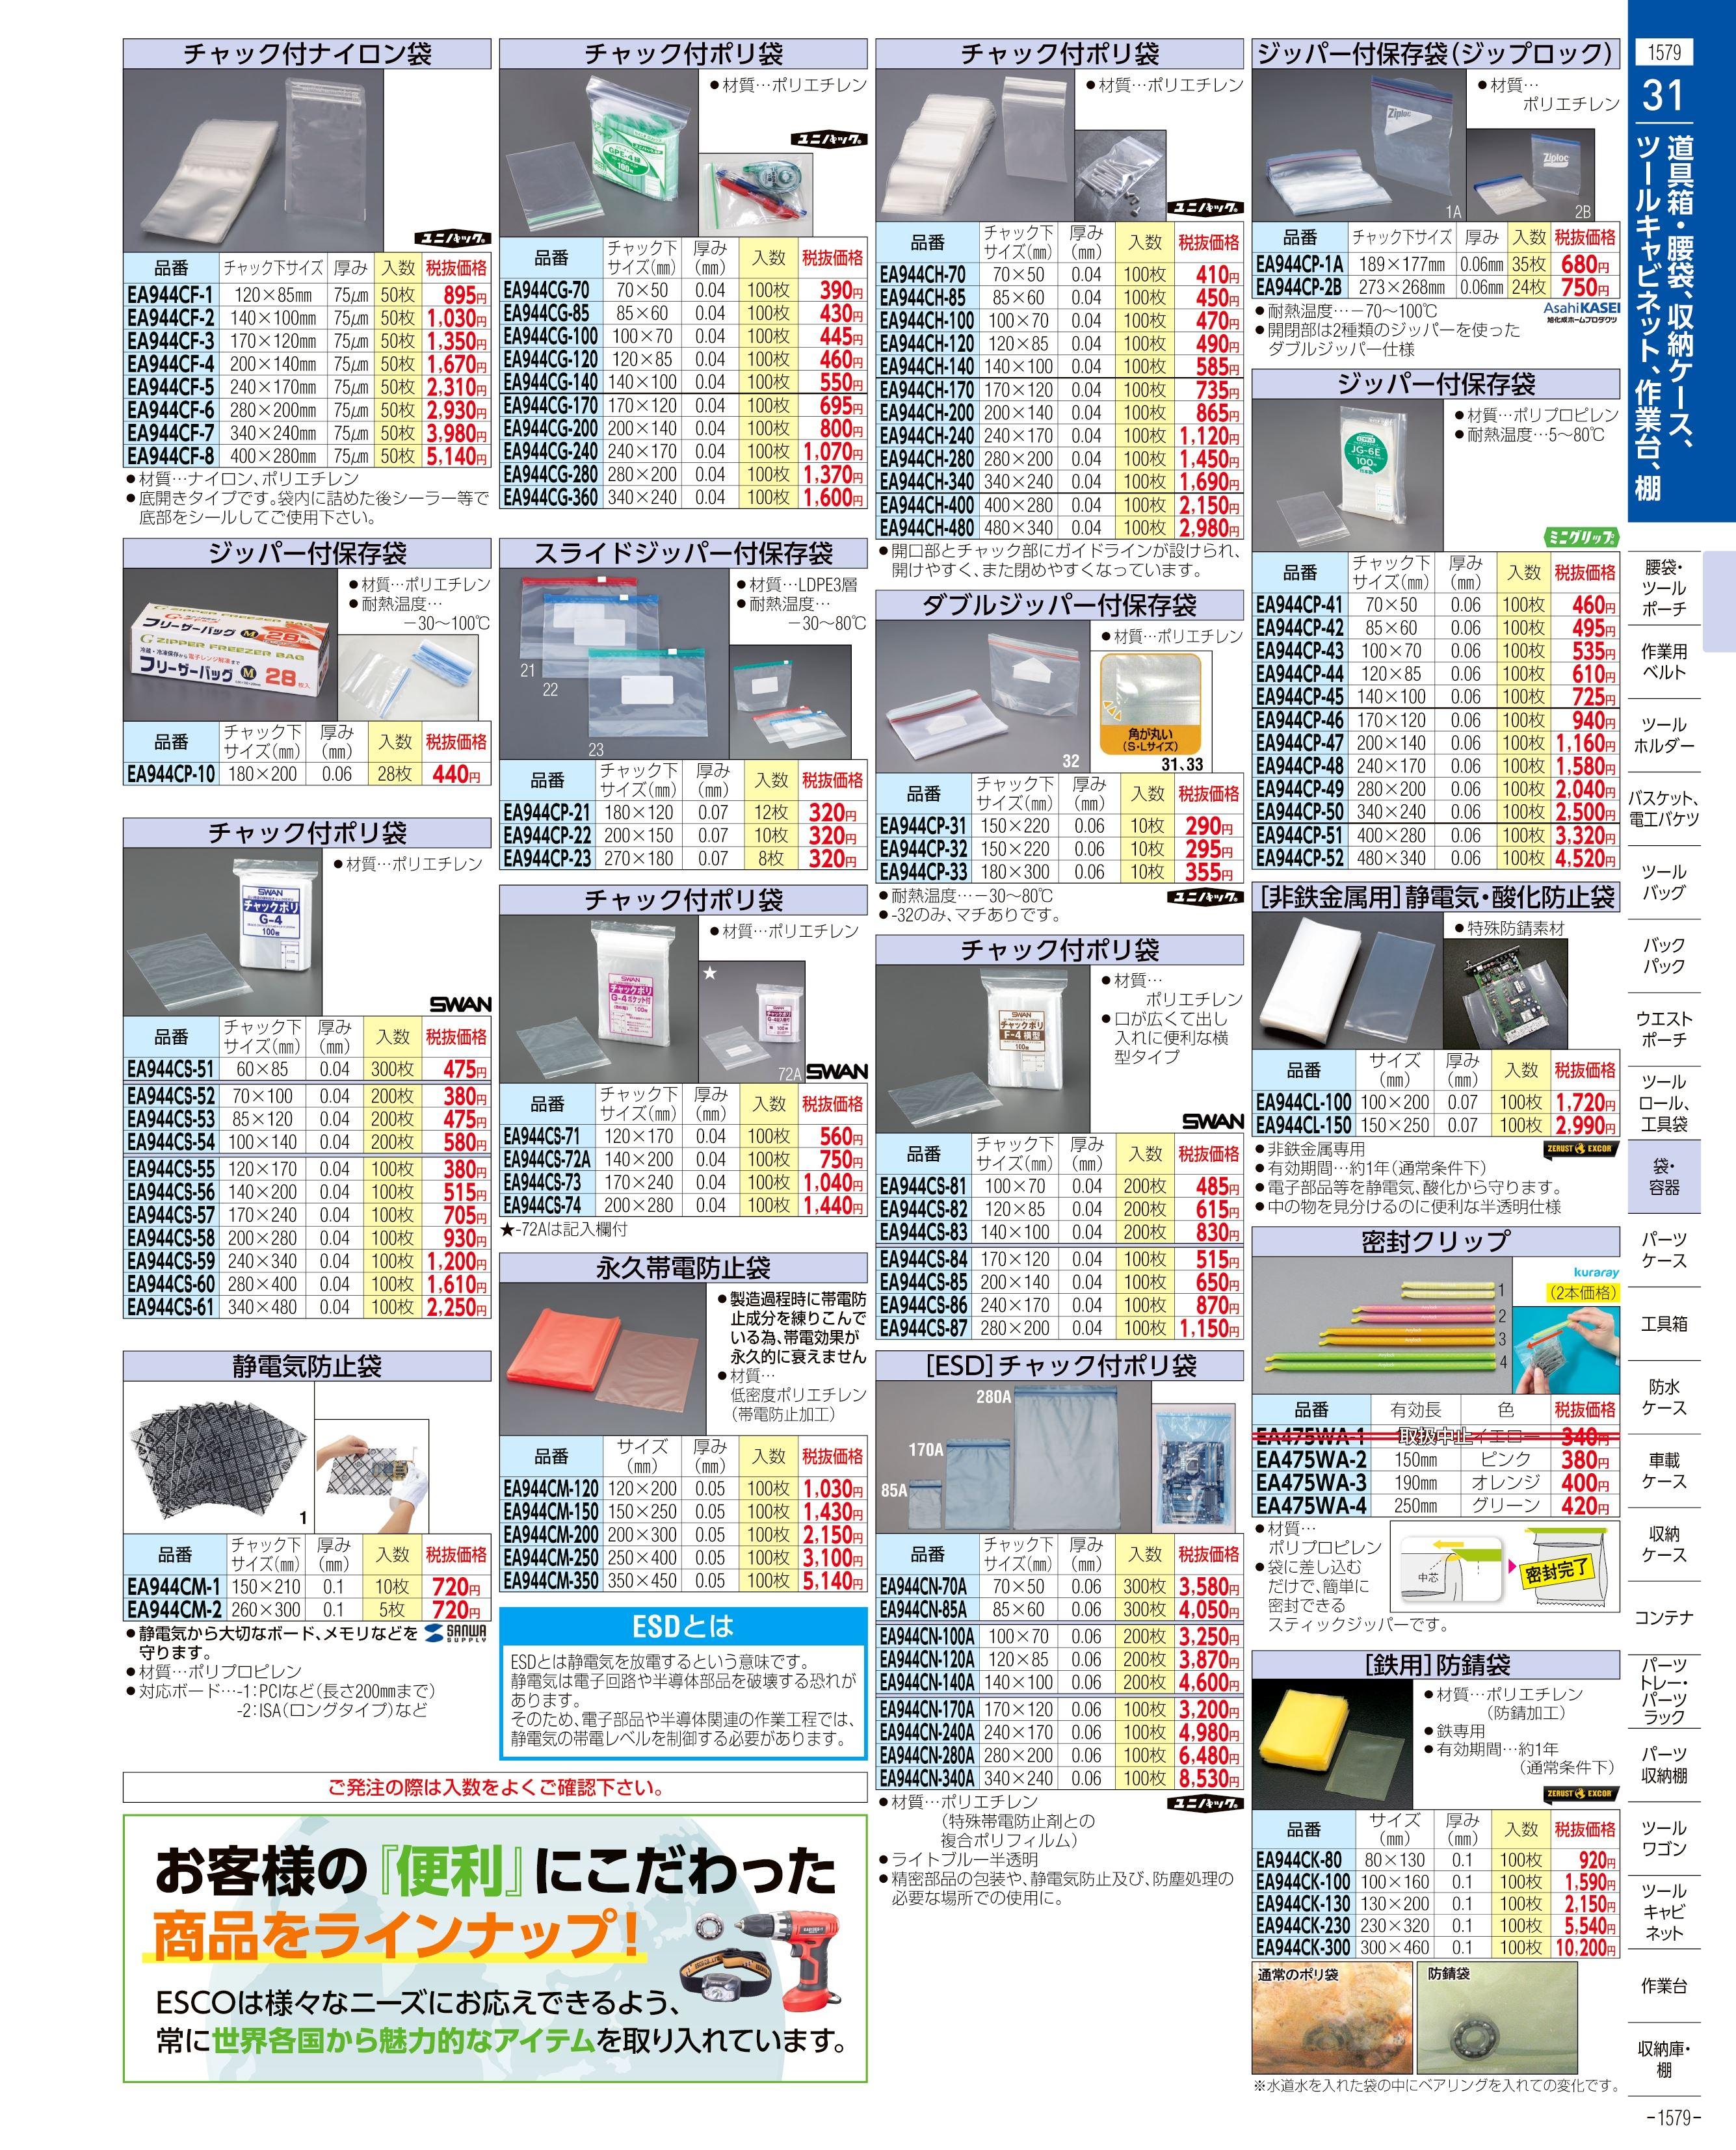 エスコ便利カタログ1579ページ